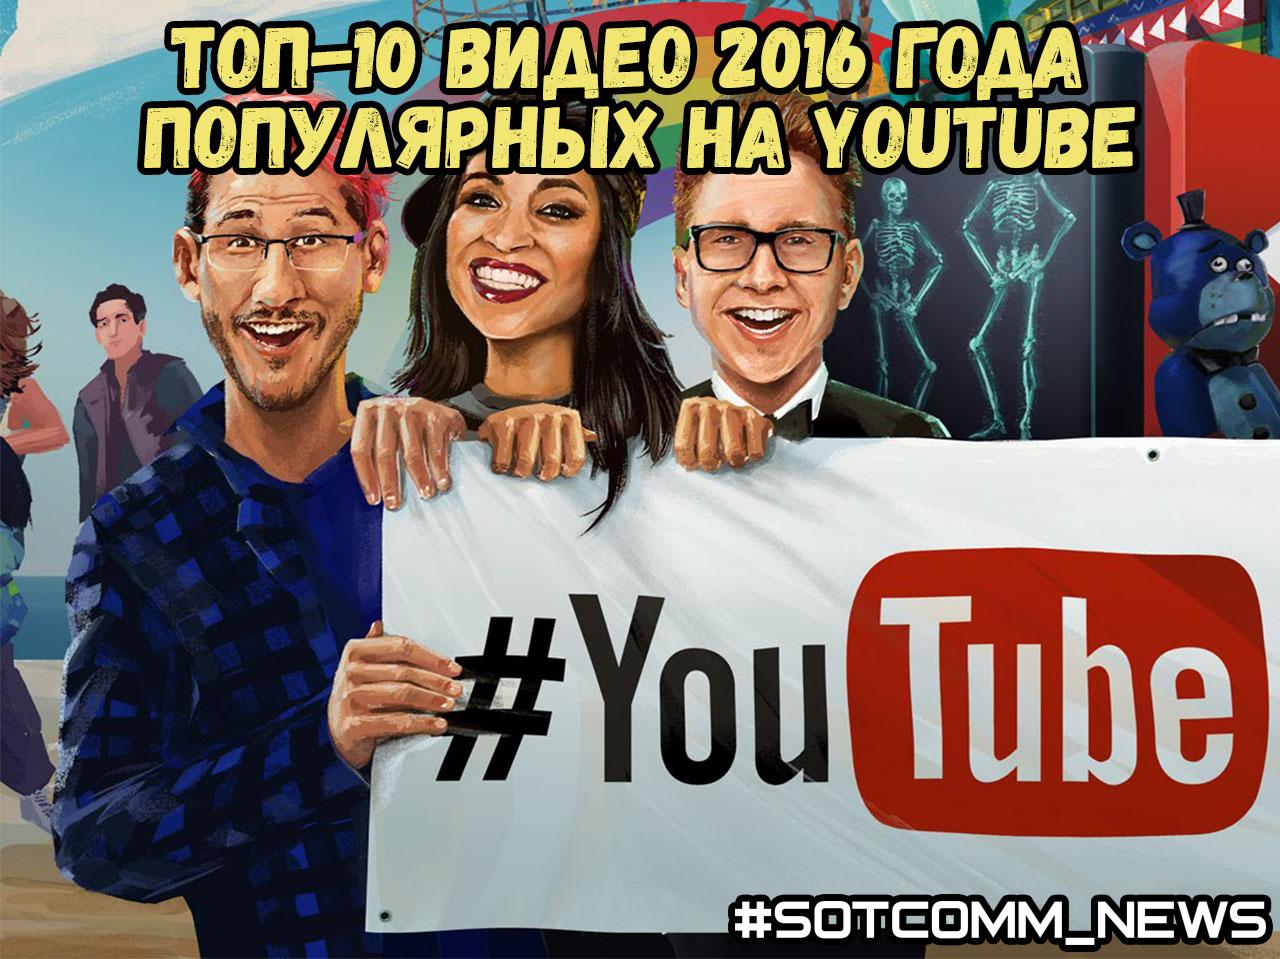 ТОП-10 самых популярных видео 2016 года на Youtube